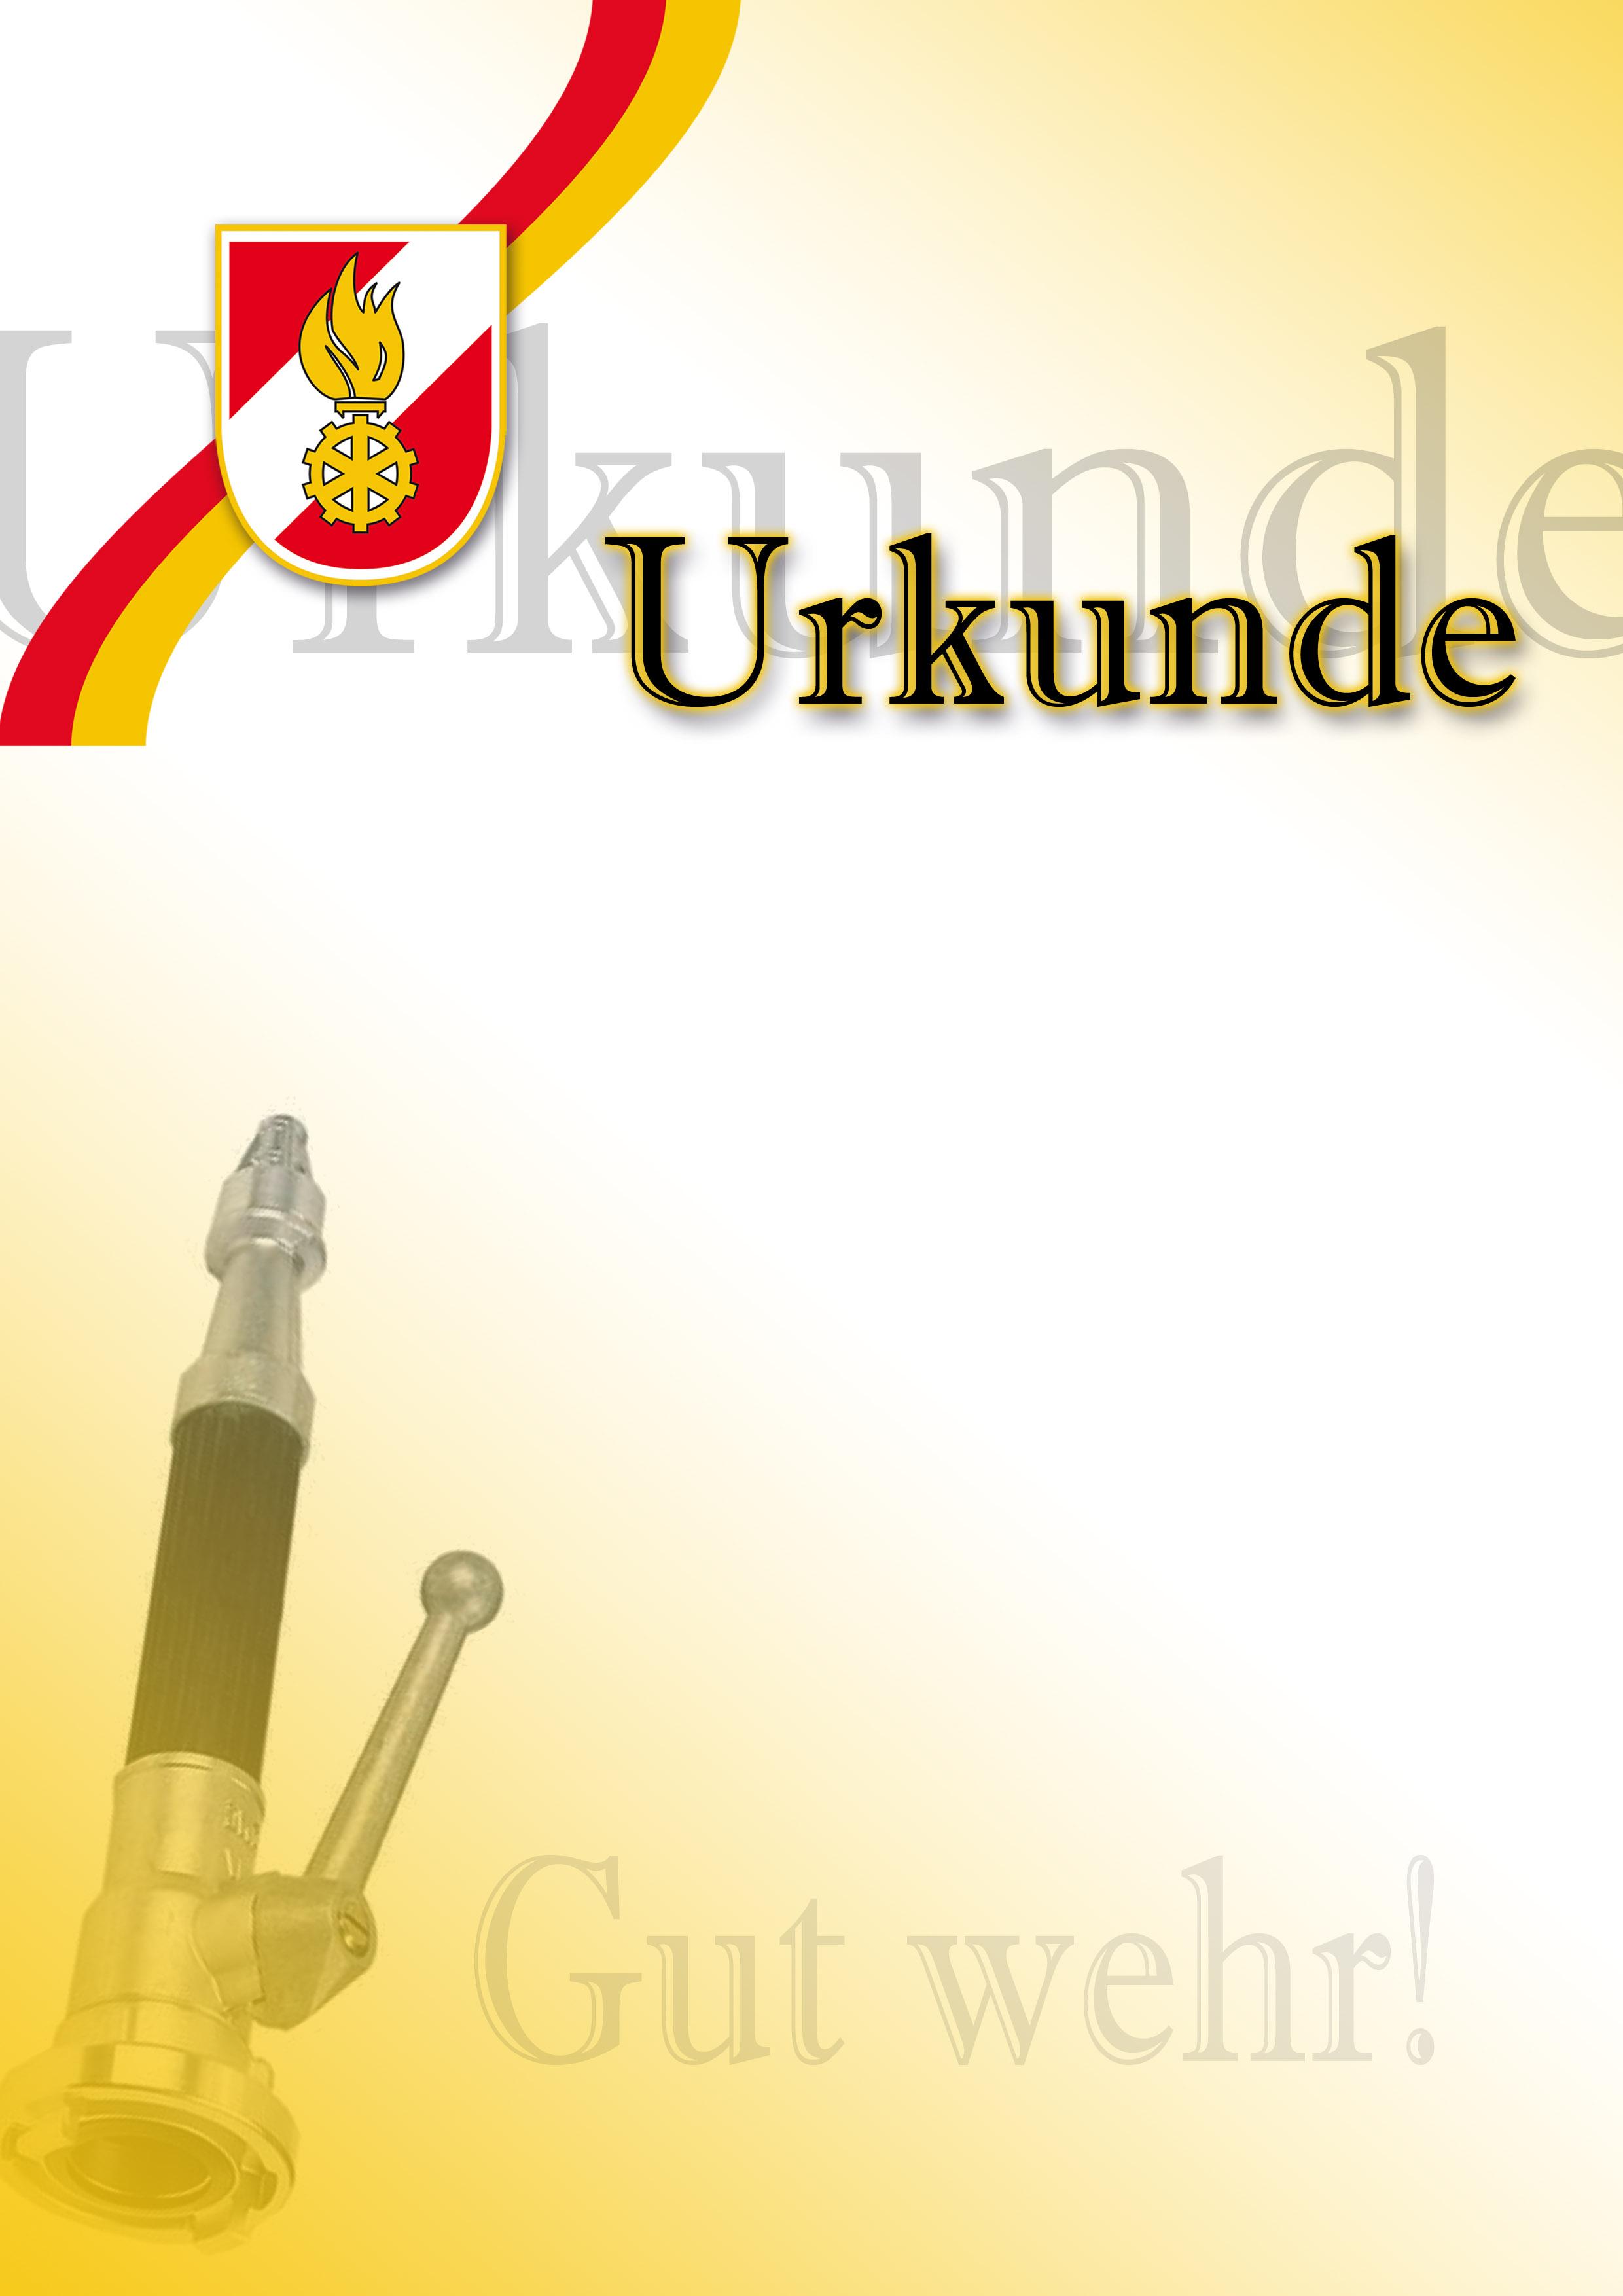 Downloadbereich - Feuerwehrlogo - Feuerwehrwappen - Corpsabzeichen ...